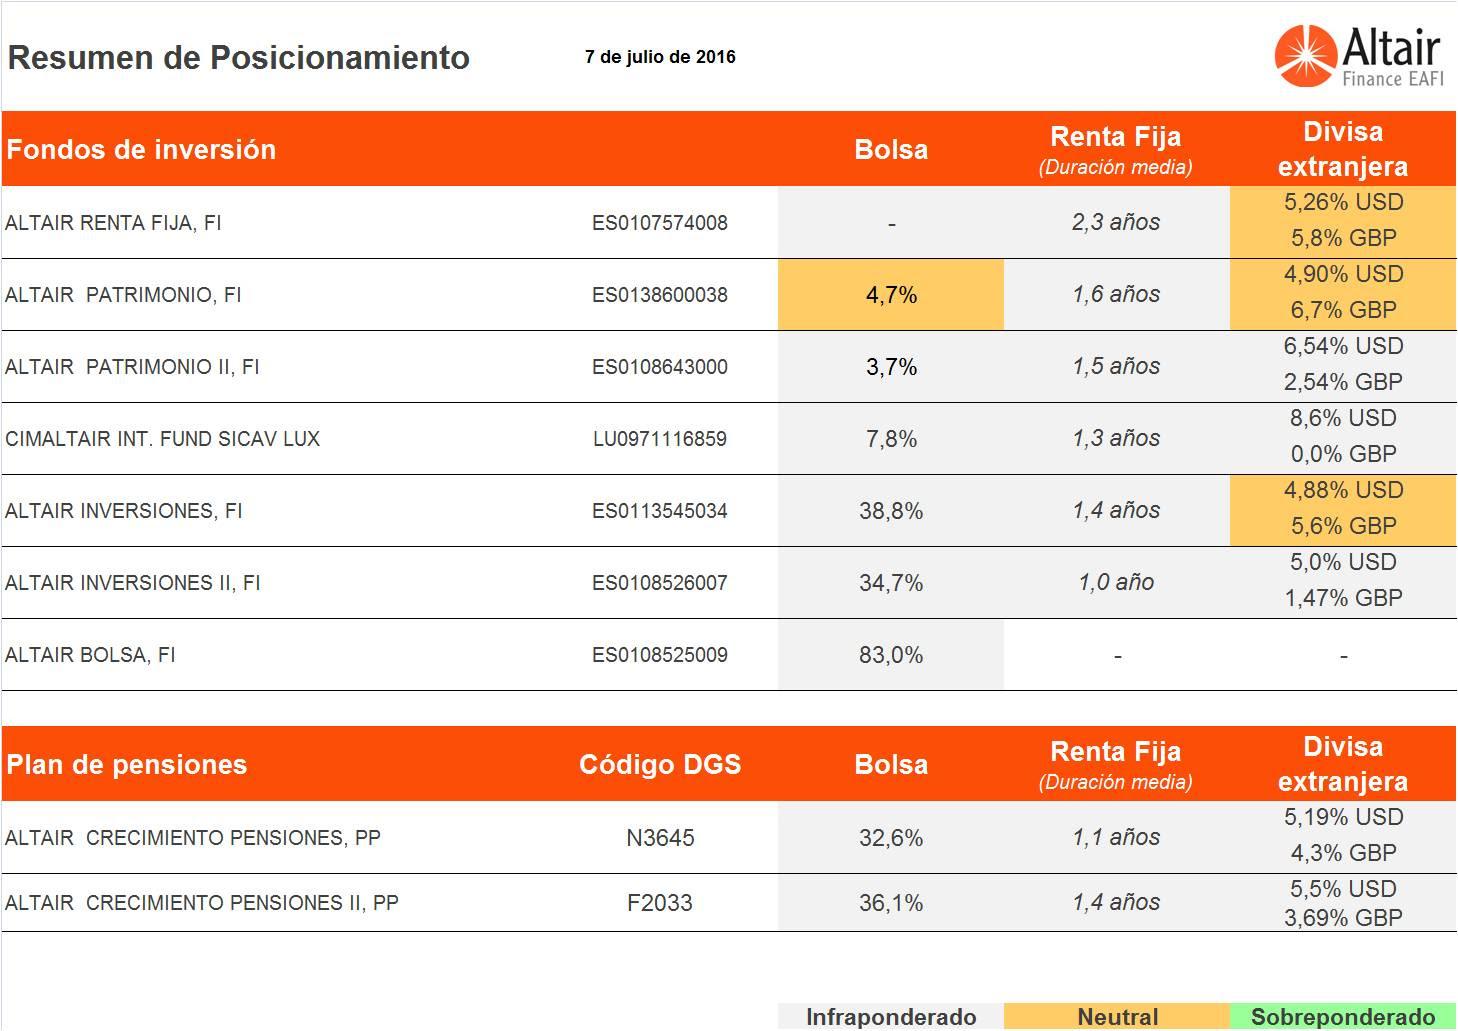 Altair FInance - Posicionamiento de los fondos de inversión